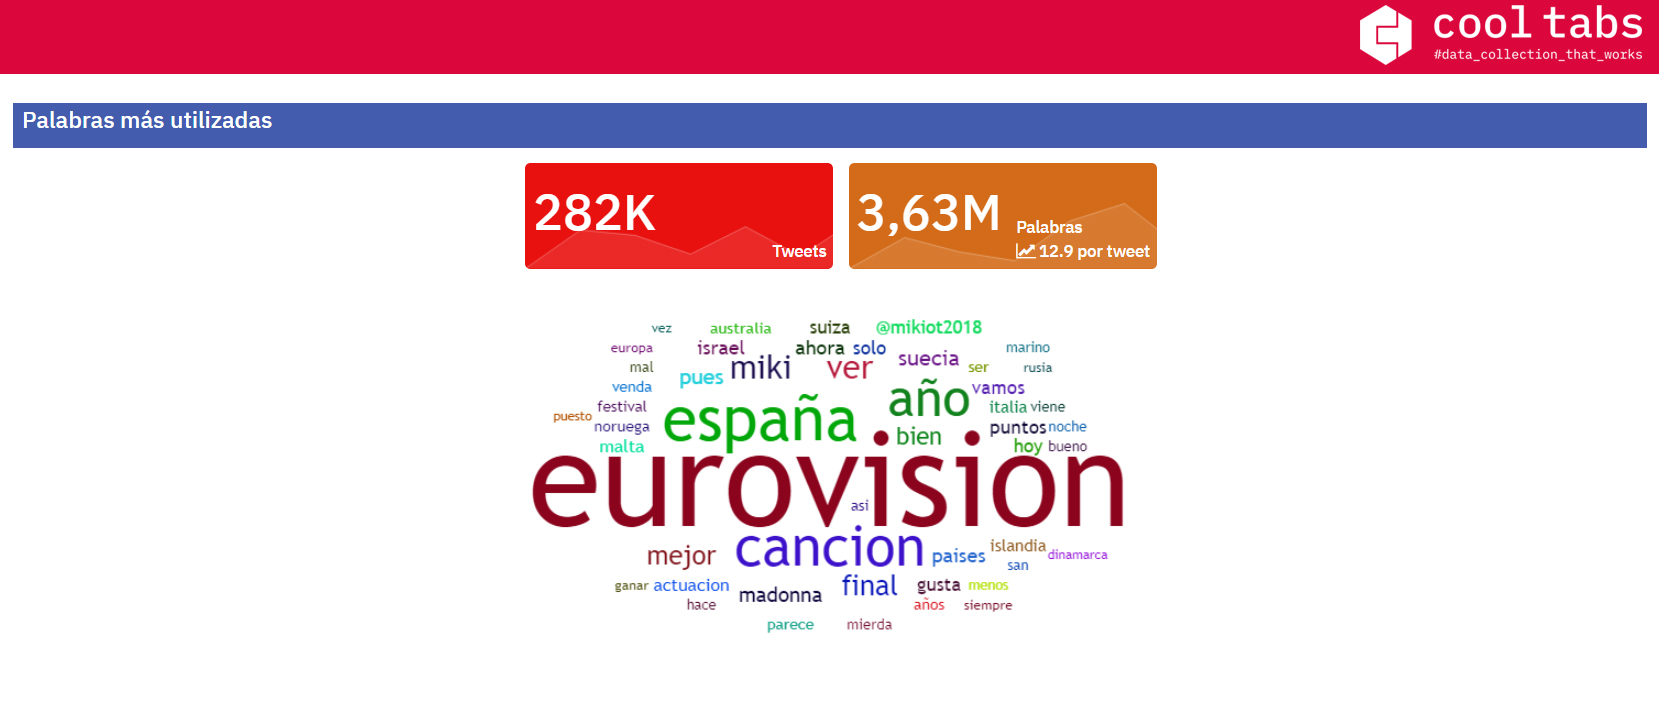 Eurovisión 2019: palabras